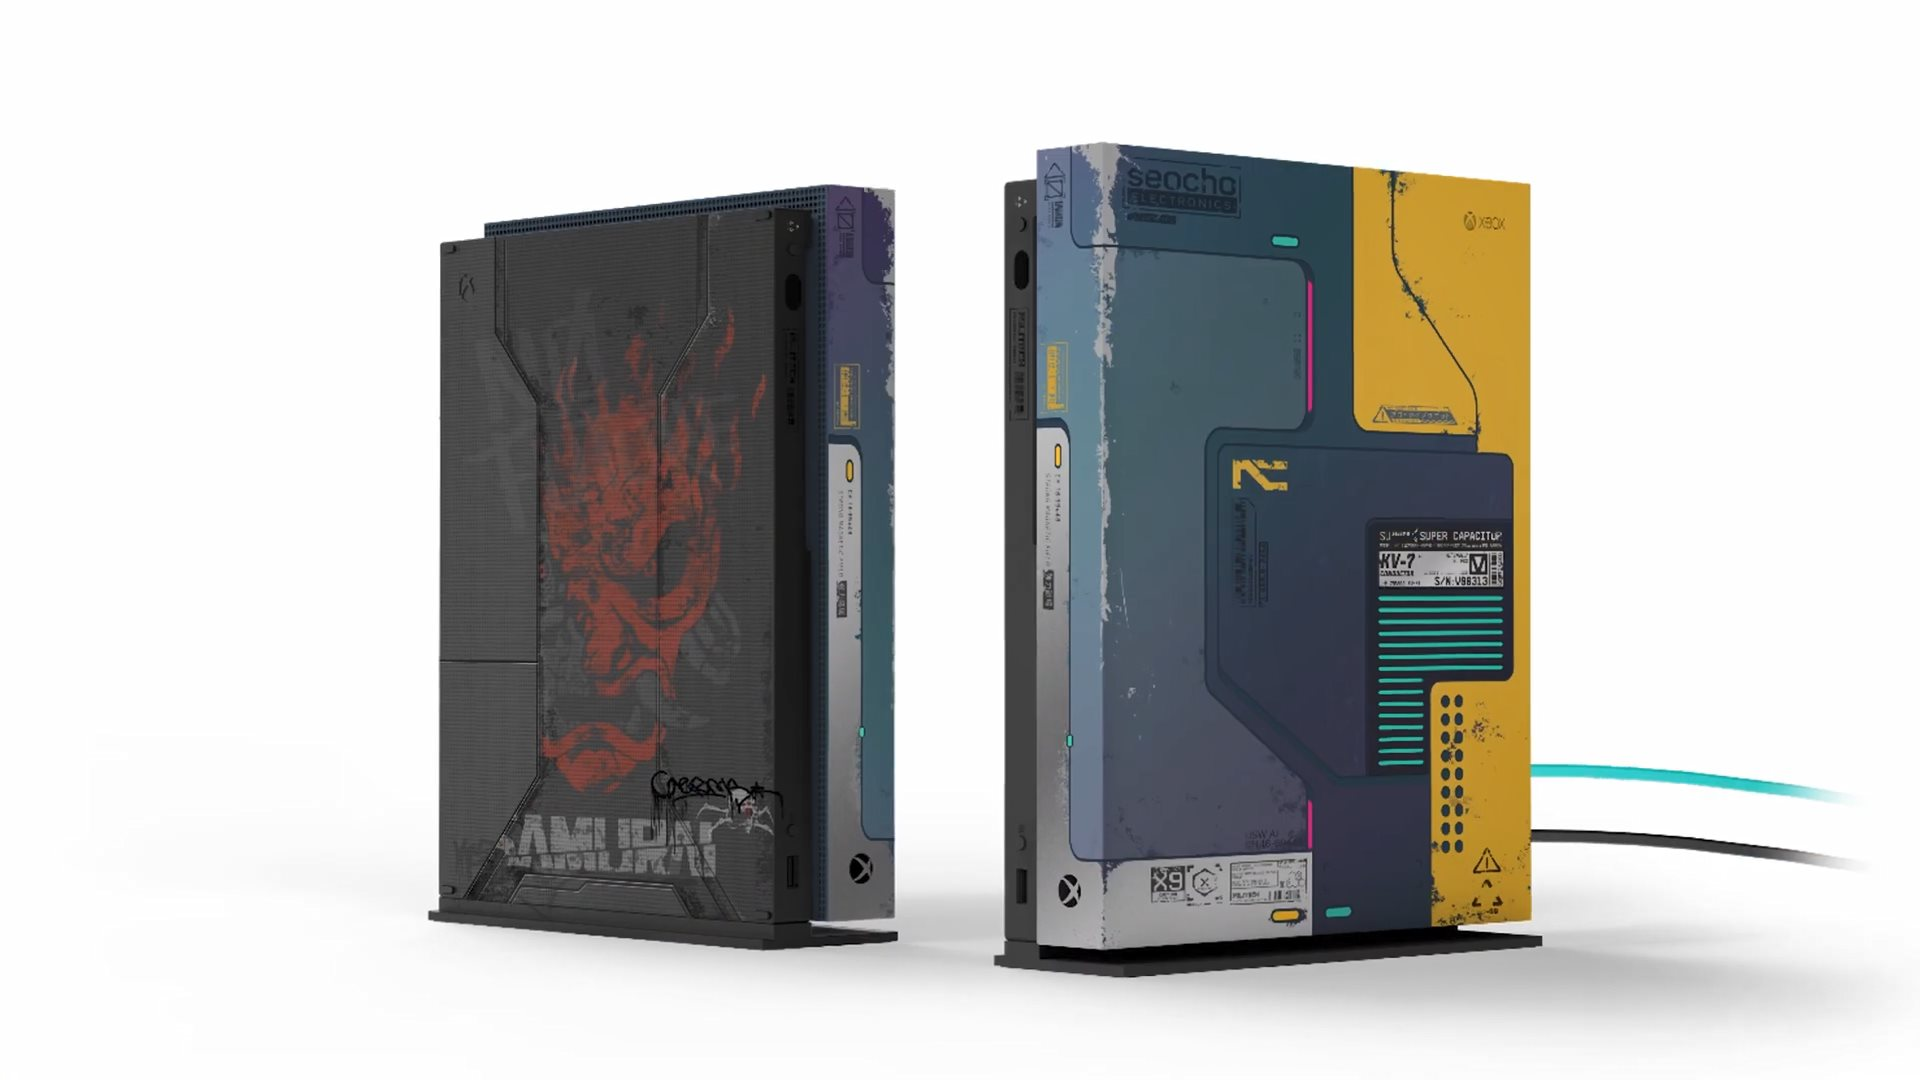 《赛博朋克2077》限量版Xbox主机开发幕后 只少量生产一次